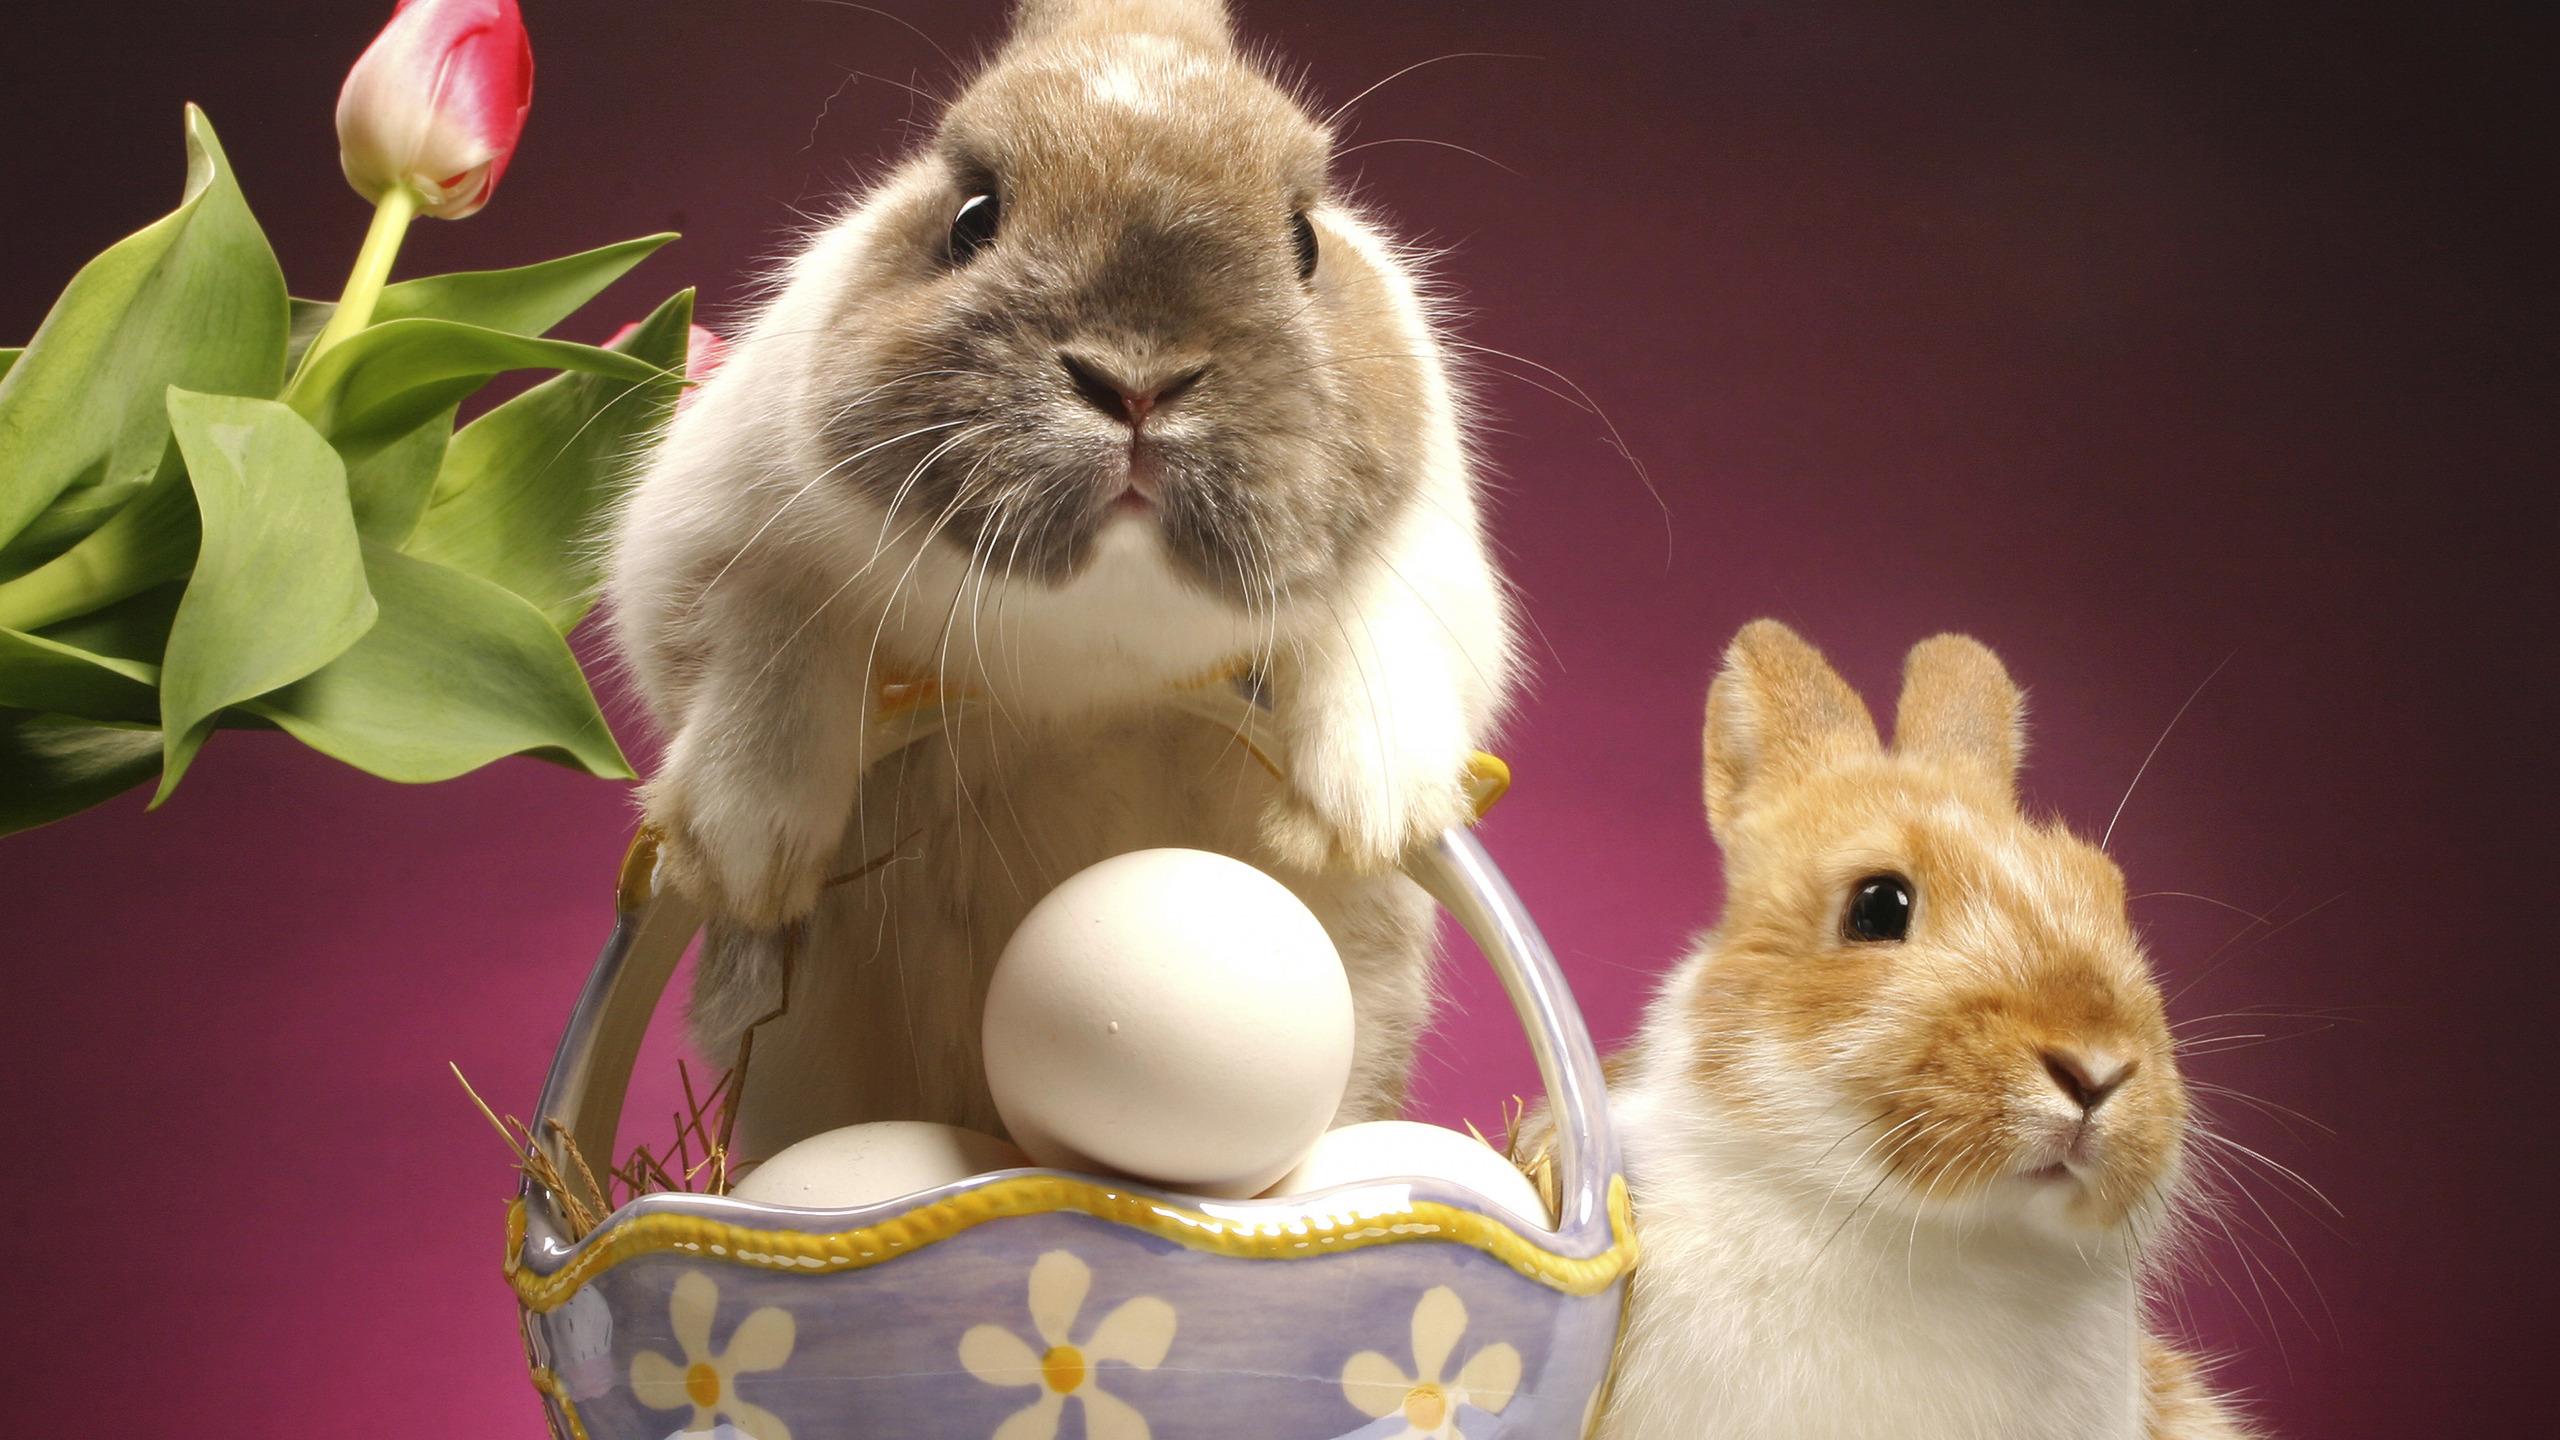 кролик с тюльпанами  № 1144611 бесплатно